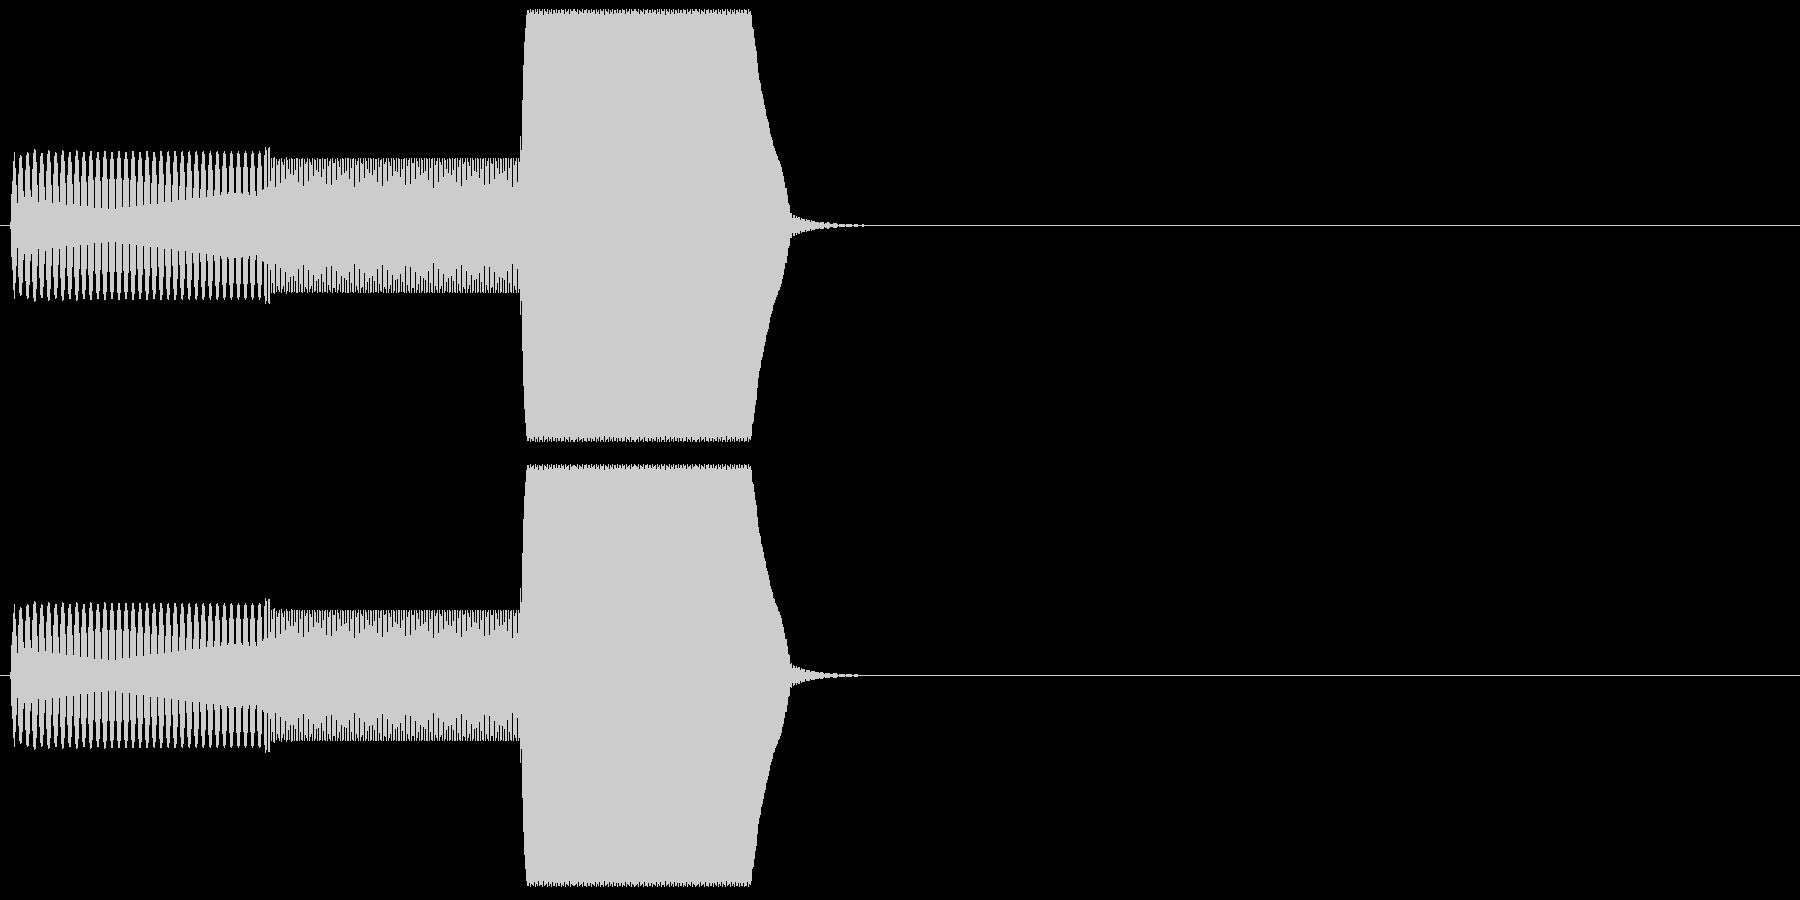 ゲーム系カーソル選択音01 (戻る)の未再生の波形